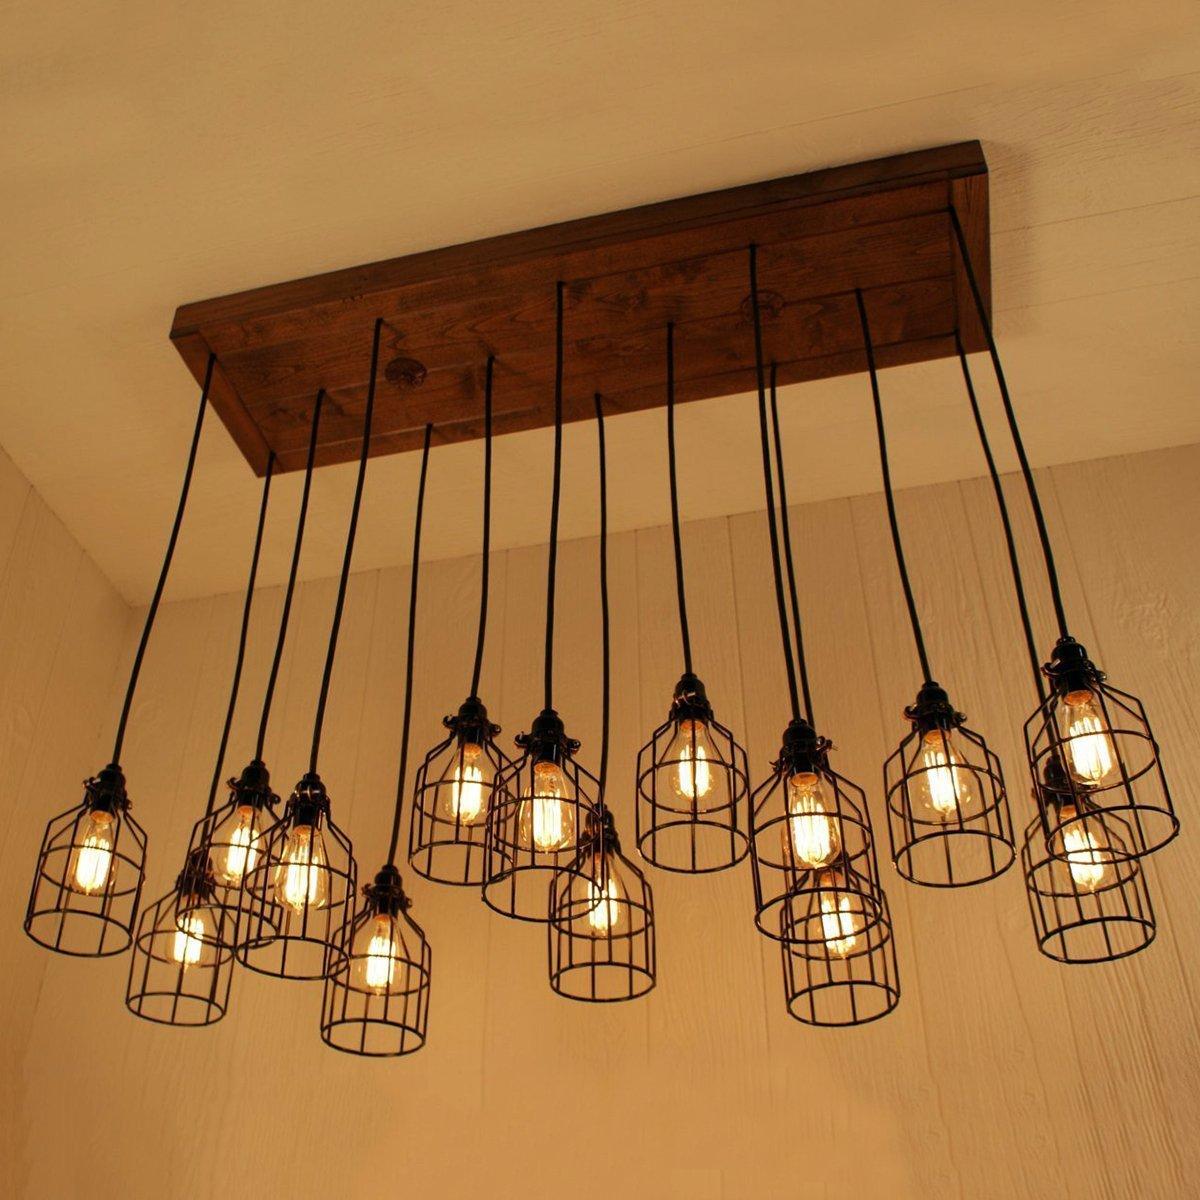 HENGTU Máng chụp đèn Vintage rèn sắt chụp đèn nhỏ chim lồng đèn chùm tường đèn chụp đèn Edison cổ ph